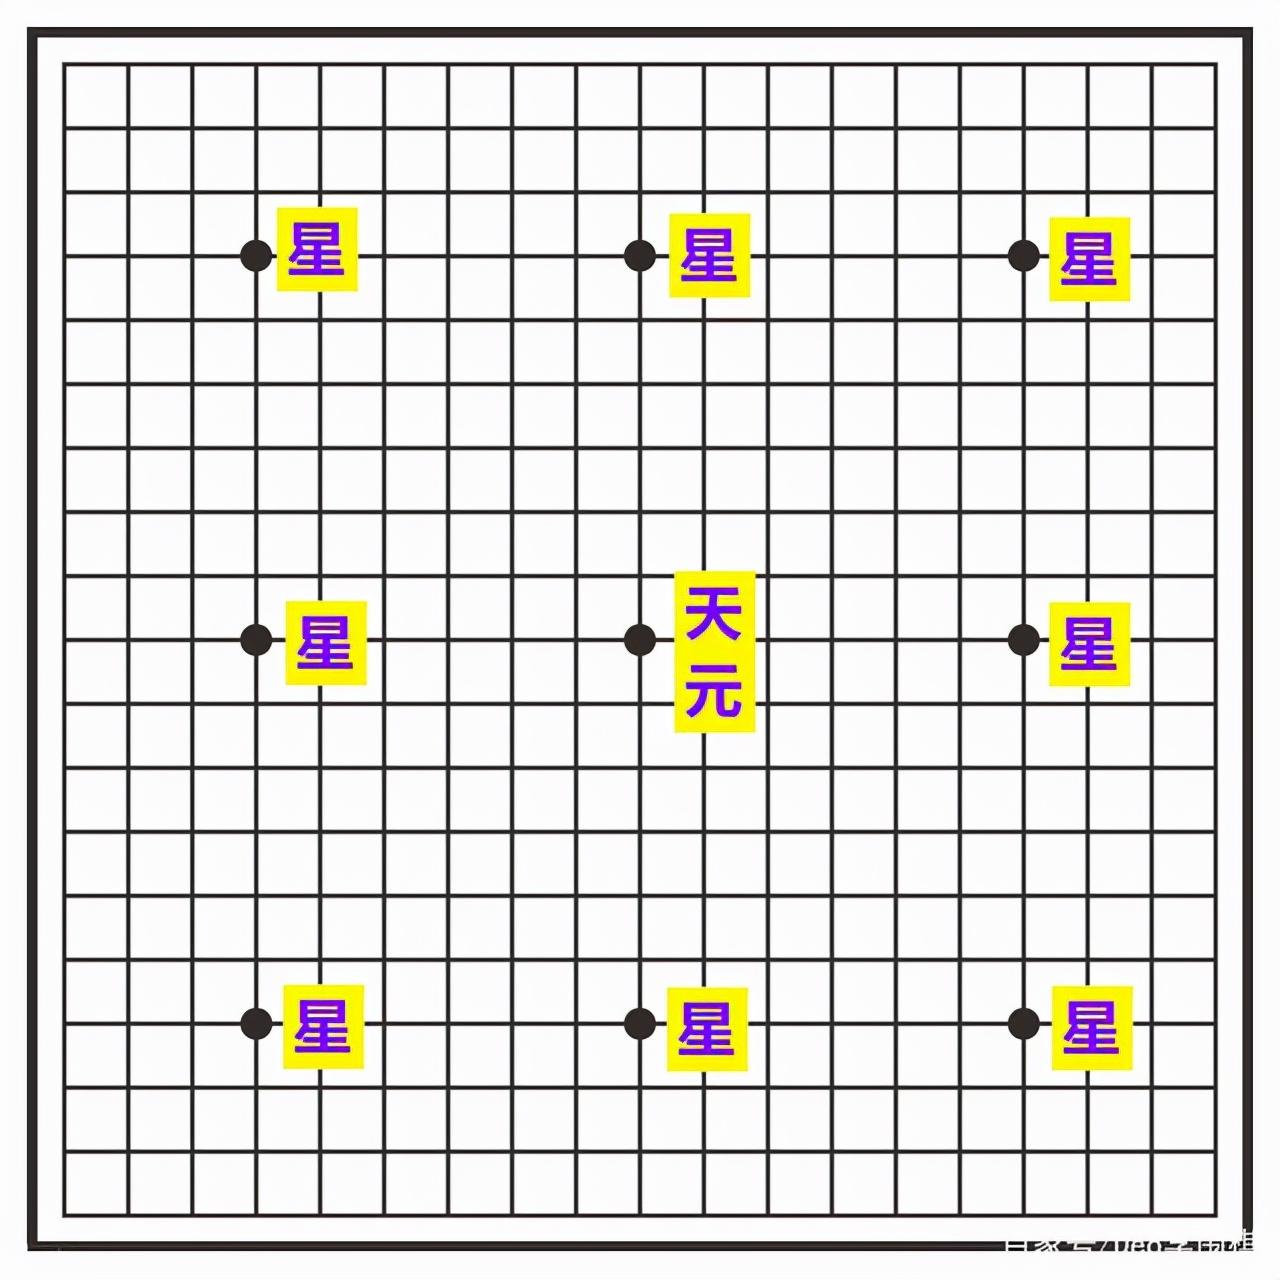 围棋棋盘共有几个交叉点(围棋一共有几个点位)